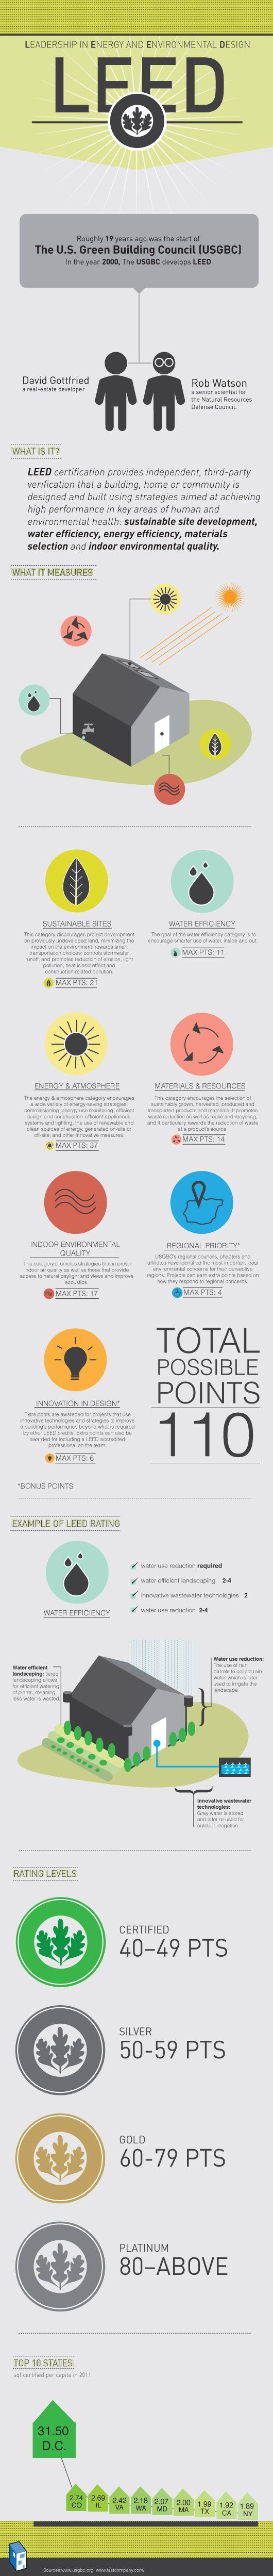 Infographic: LEED